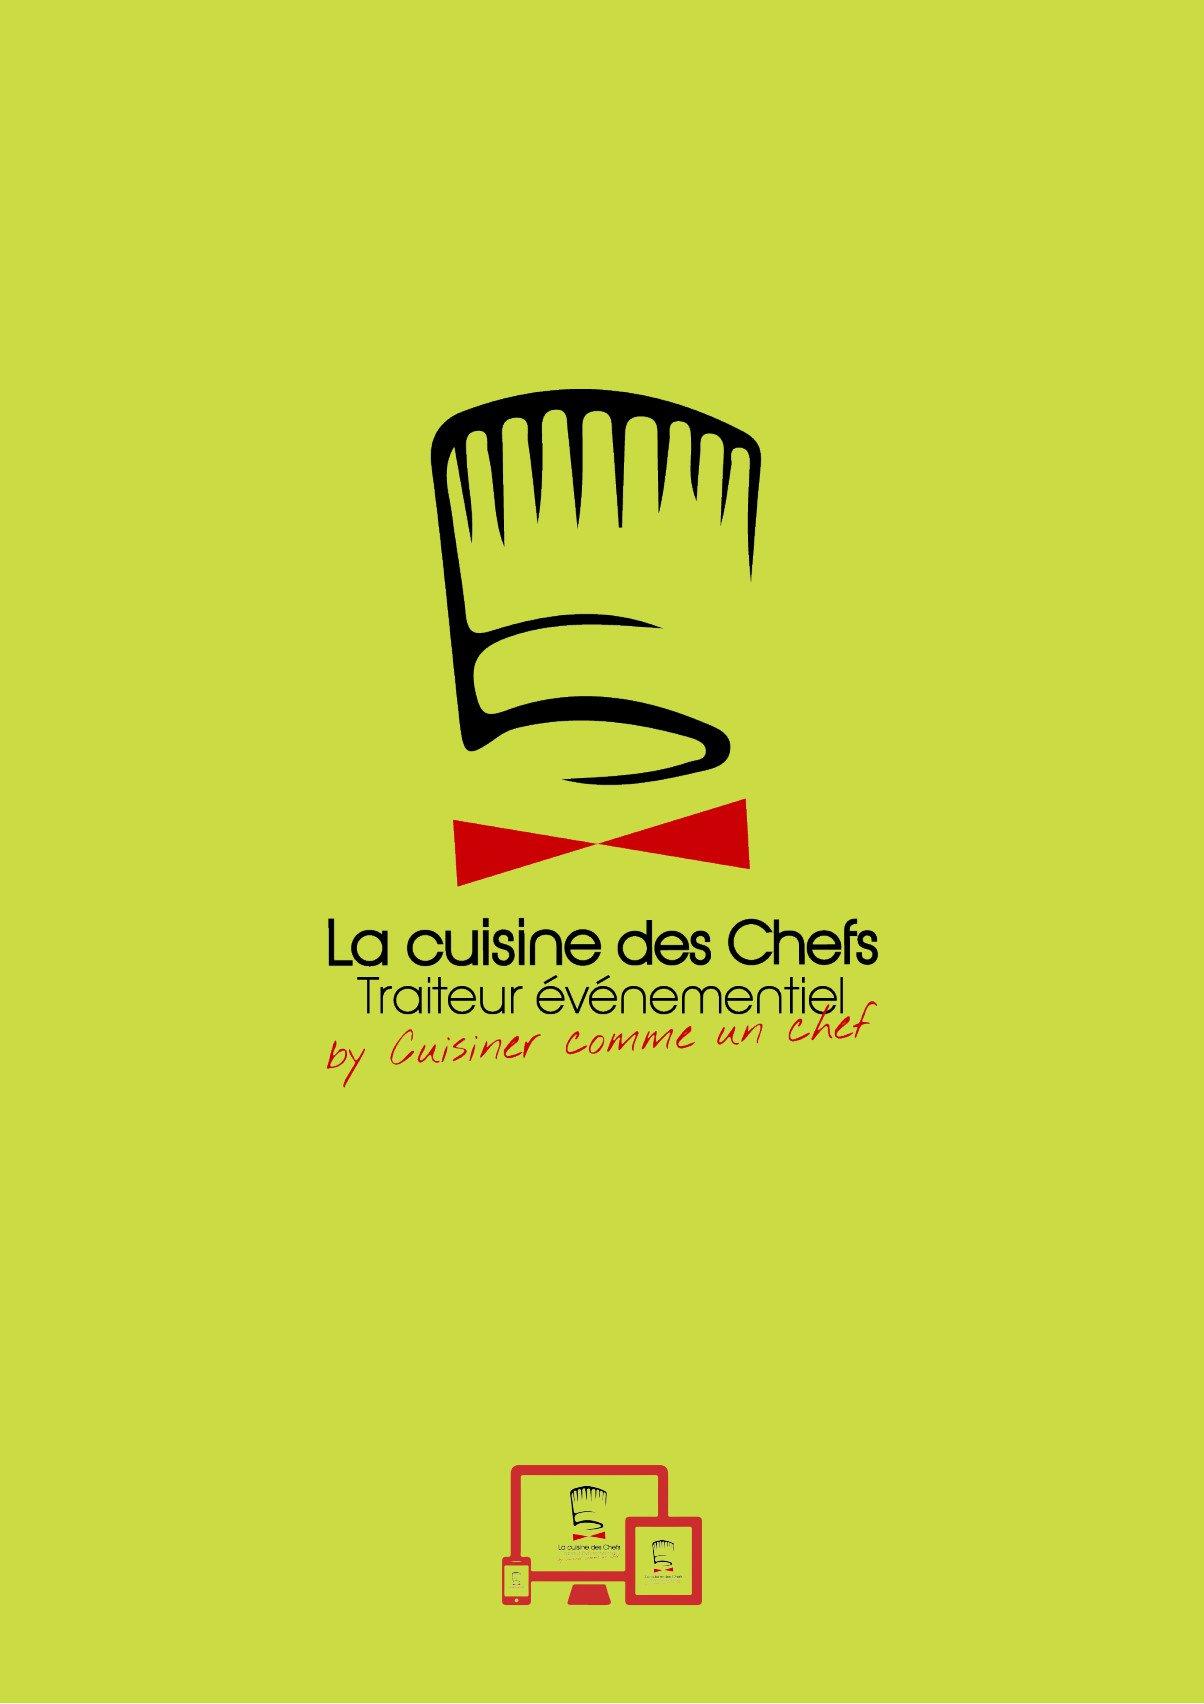 Cuisiner Comme Un Chef à Poitiers Cartemenu Et Photos - Cuisiner comme un chef poitiers